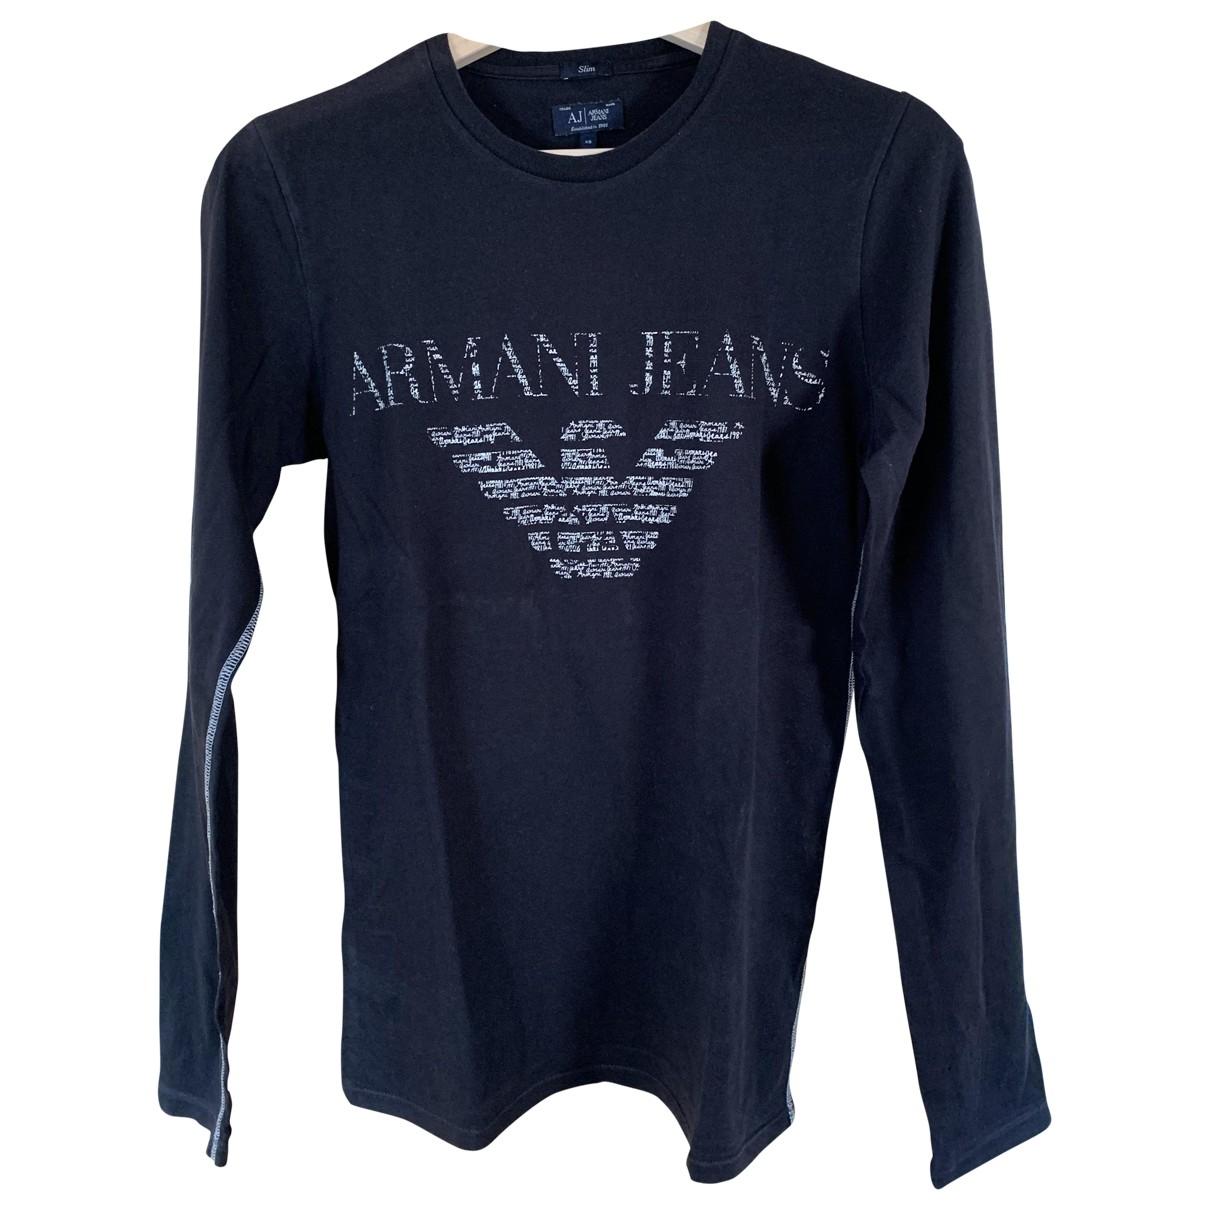 Armani Jean - Tee shirts   pour homme en coton - noir